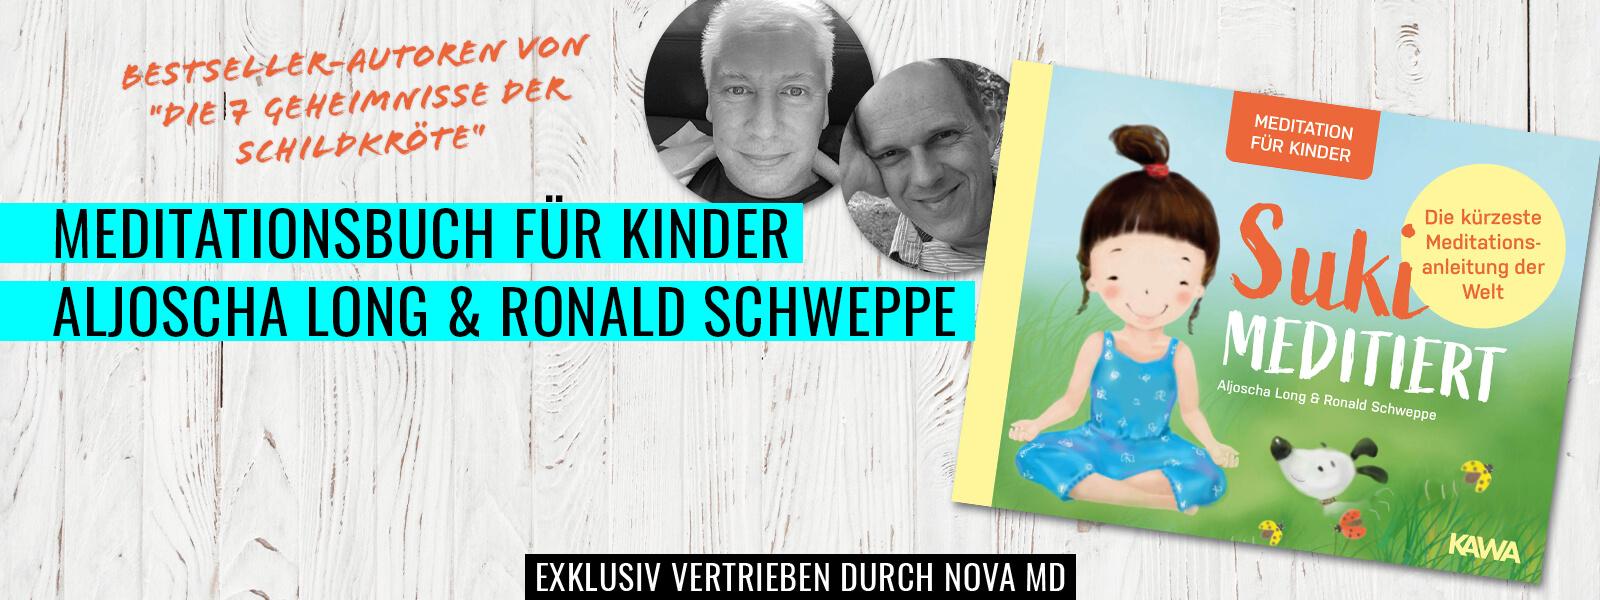 """""""Suki meditiert"""" von den Bestseller-Autoren Aljoscha Long und Ronald Schweppe"""